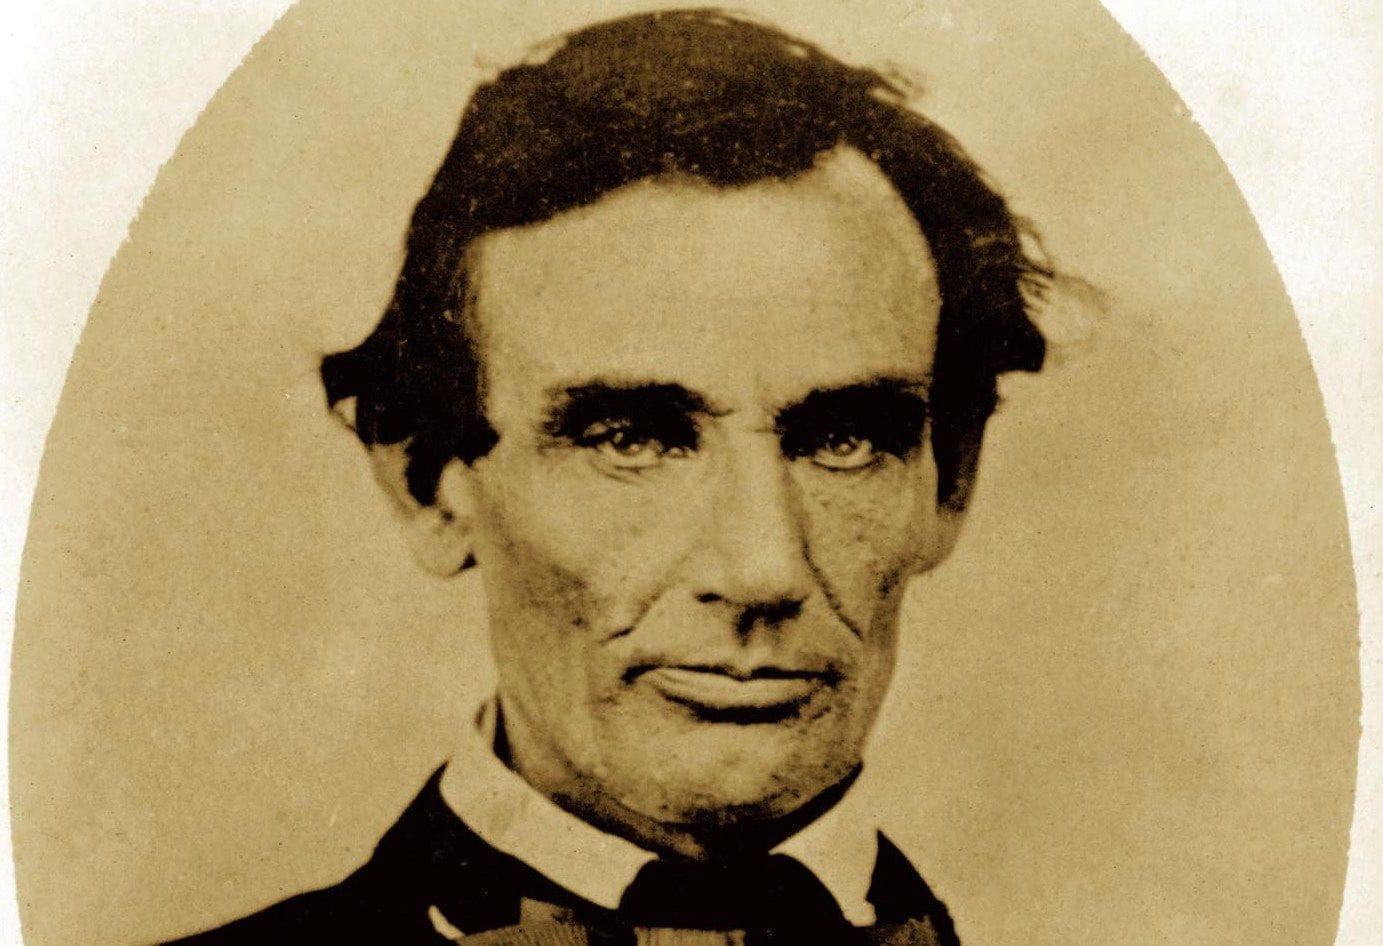 आफ्नै आलोचना हुँदा के भन्थे अब्राहम लिंकन ?